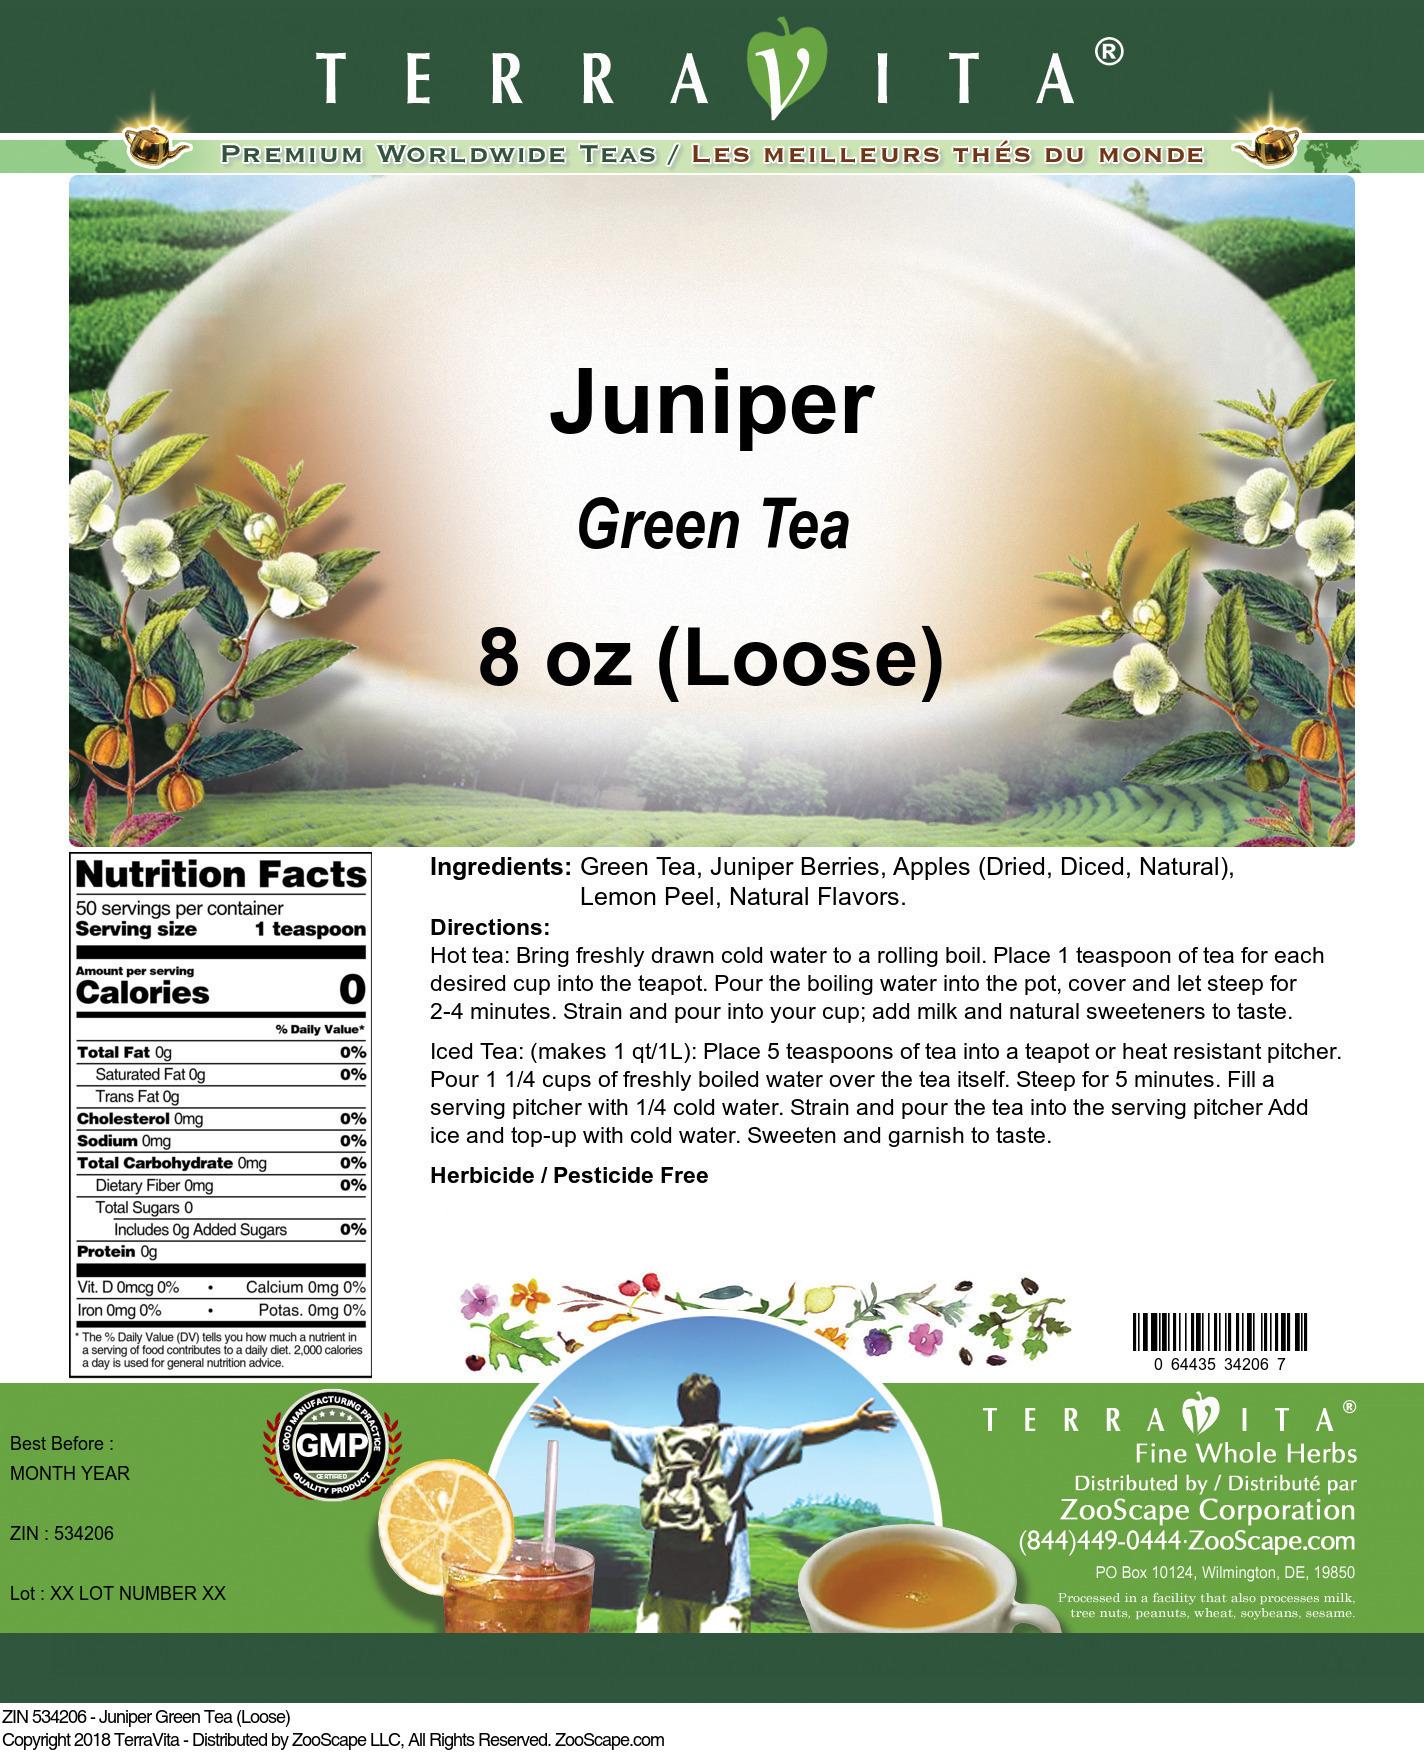 Juniper Green Tea